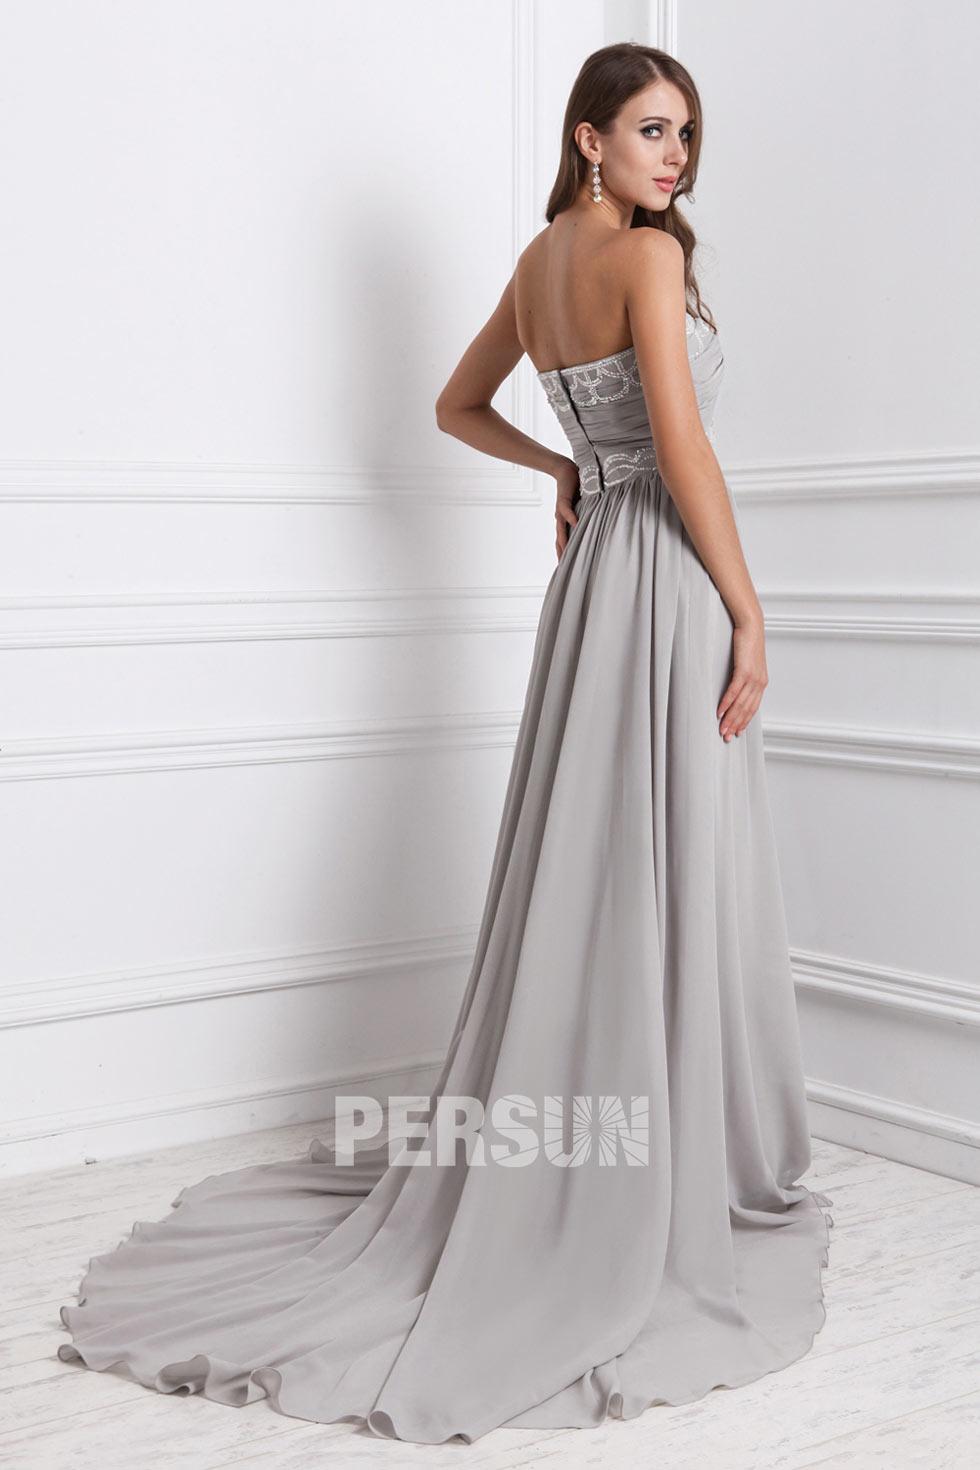 magnifique robe grise à bustier coeur